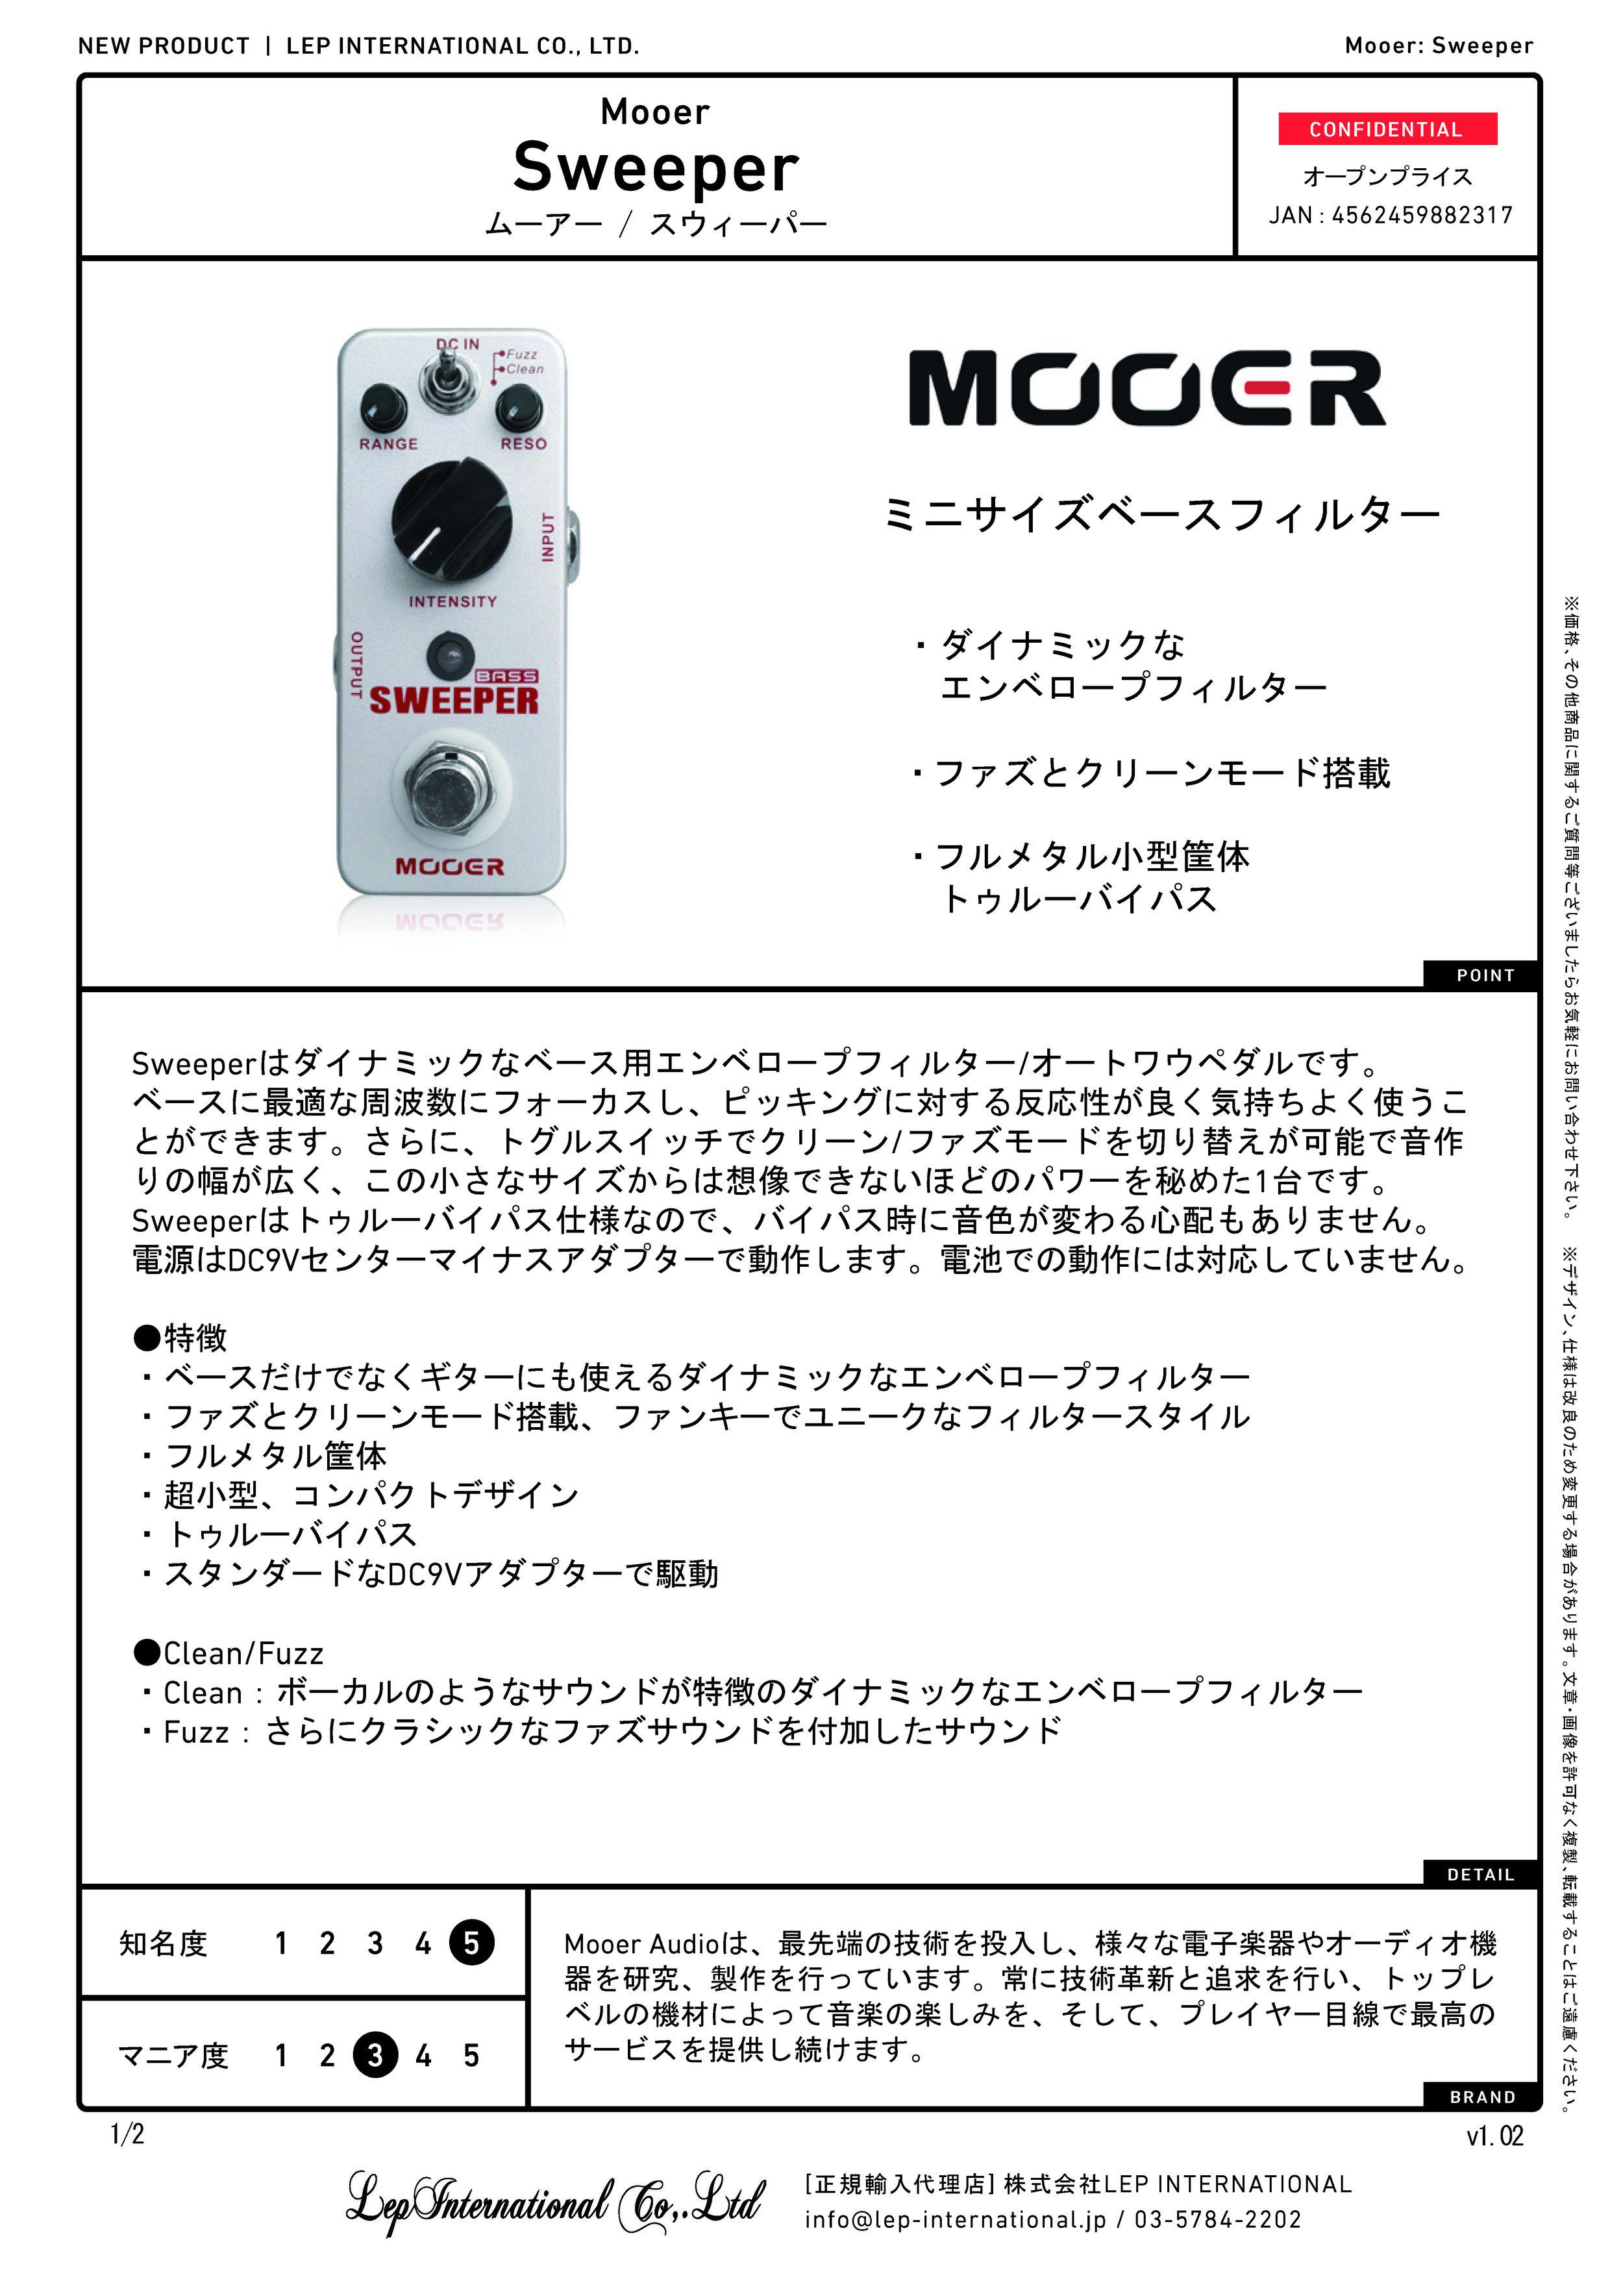 mooer sweeper v1.02_ページ_1.jpg